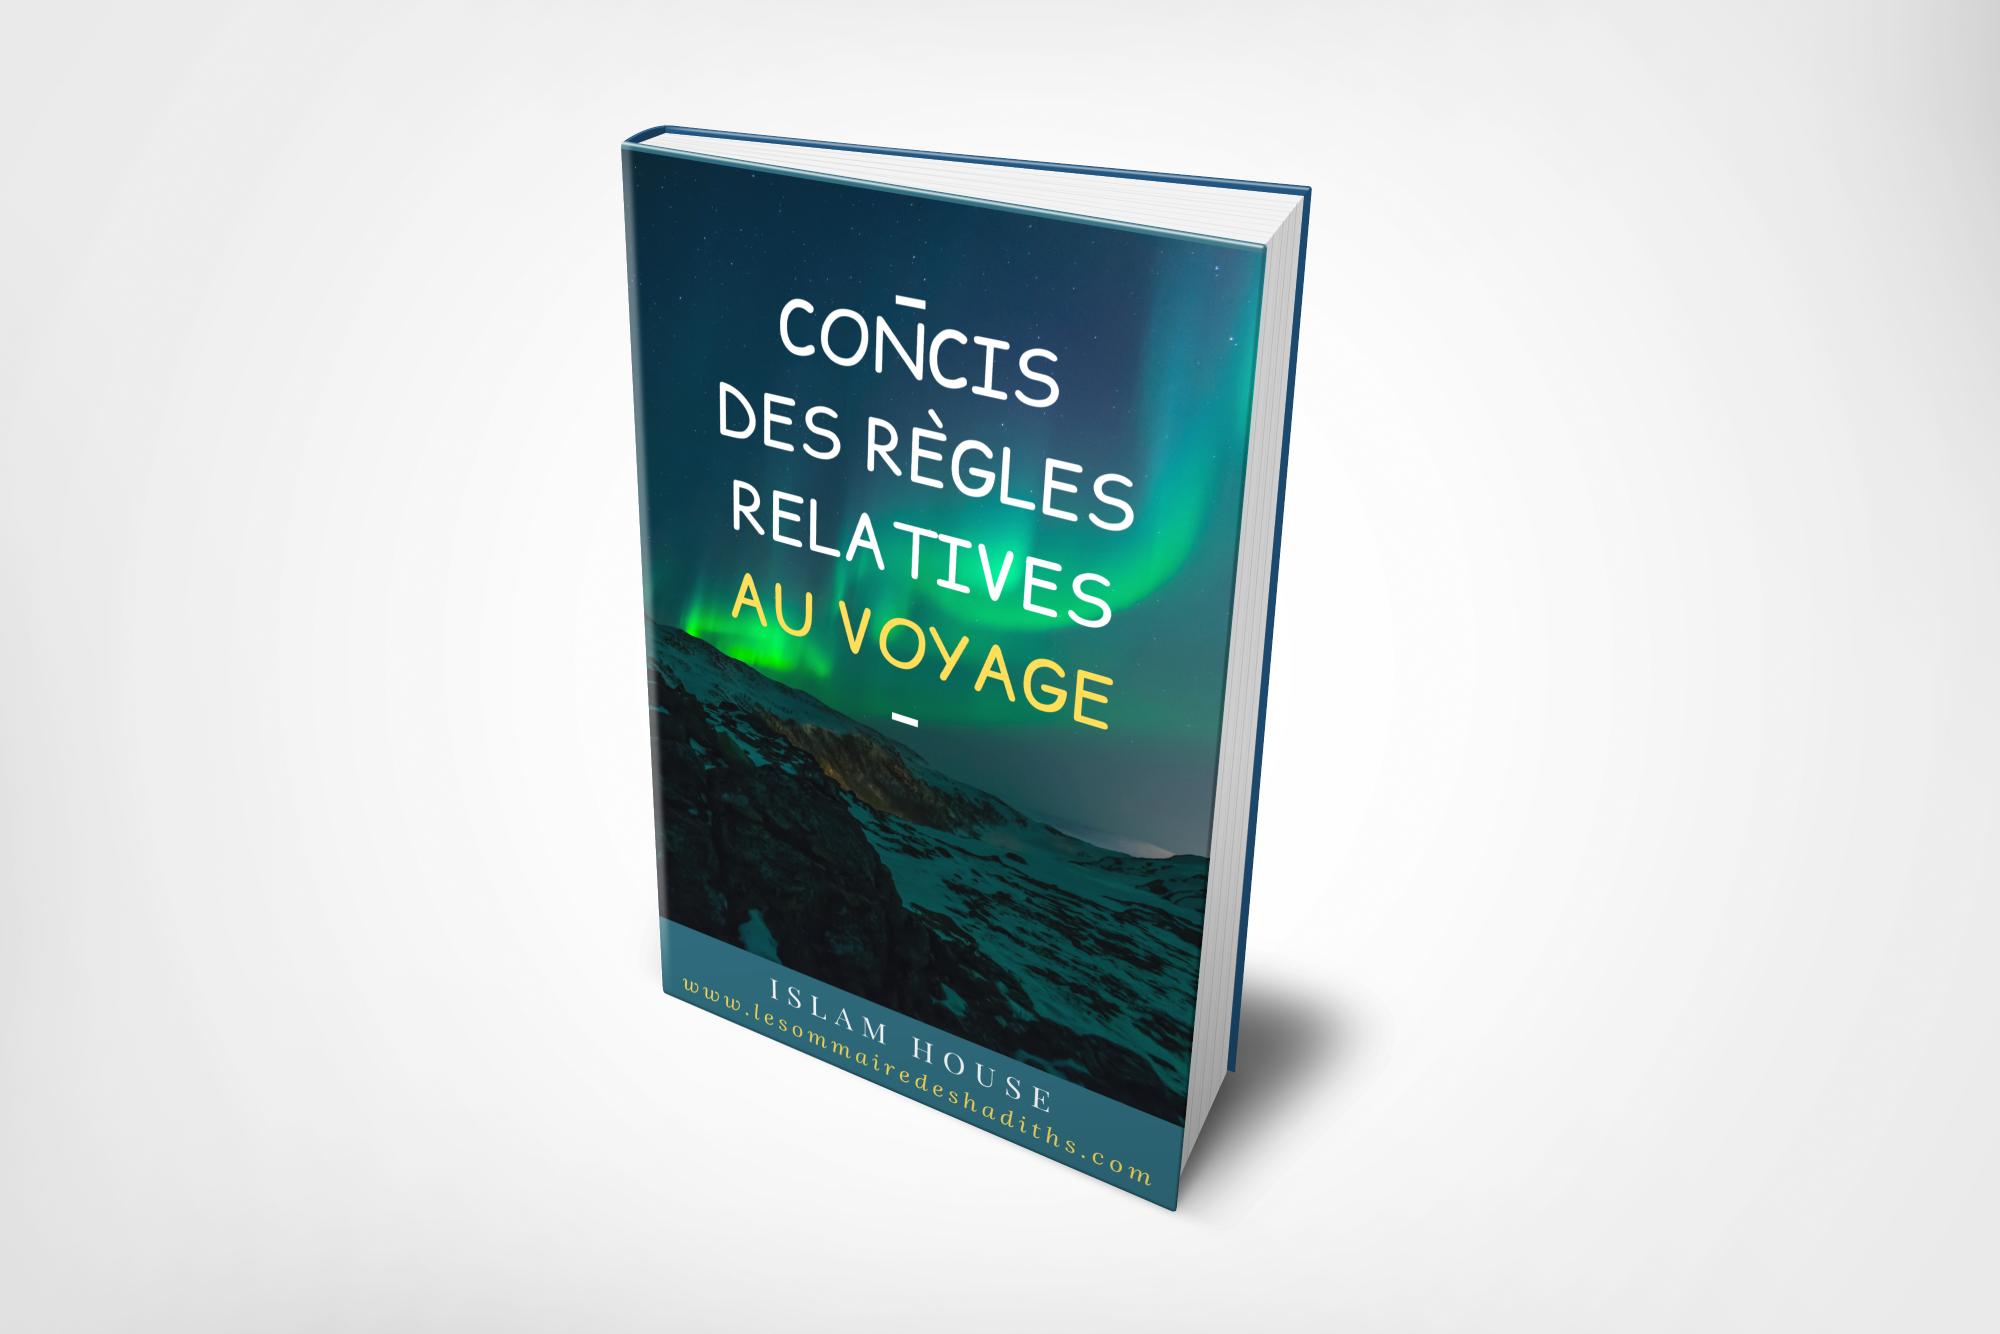 Livre Concis des regles relative au voyage - cover